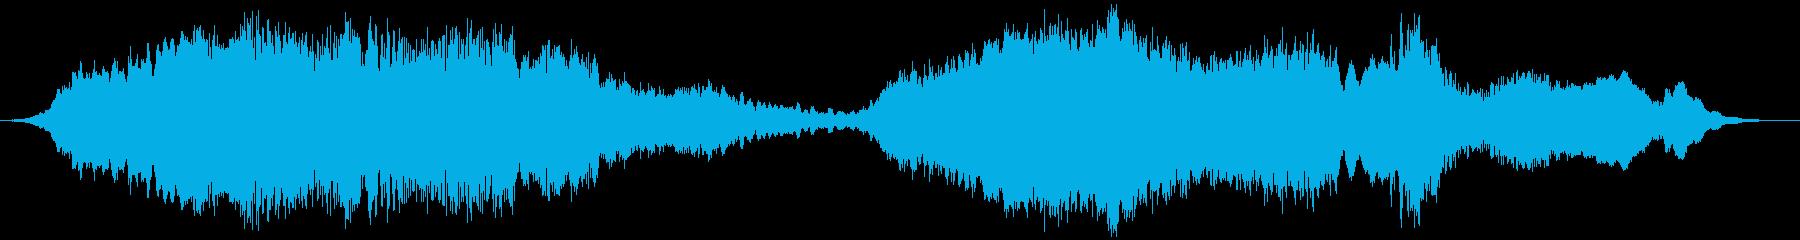 PADS 幽霊船02の再生済みの波形